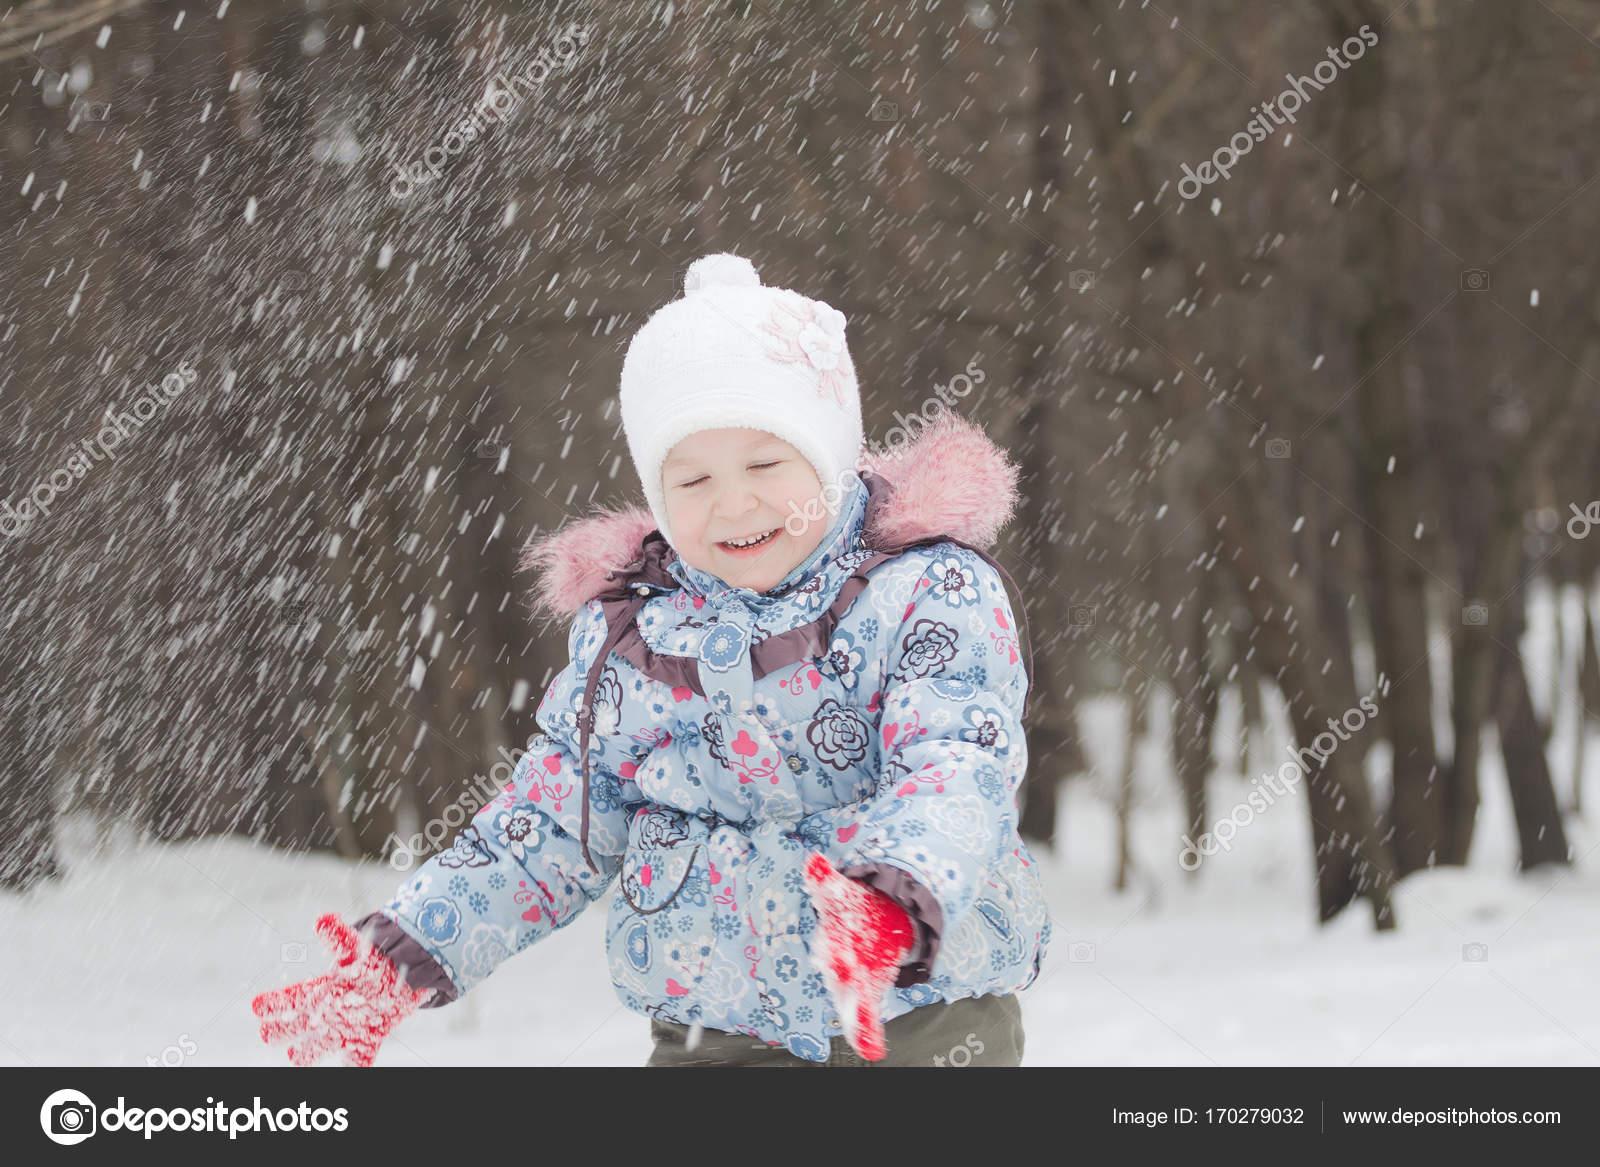 bdc095448 Lachen meisje gooien up wintersneeuw met haar handen — Stockfoto ...